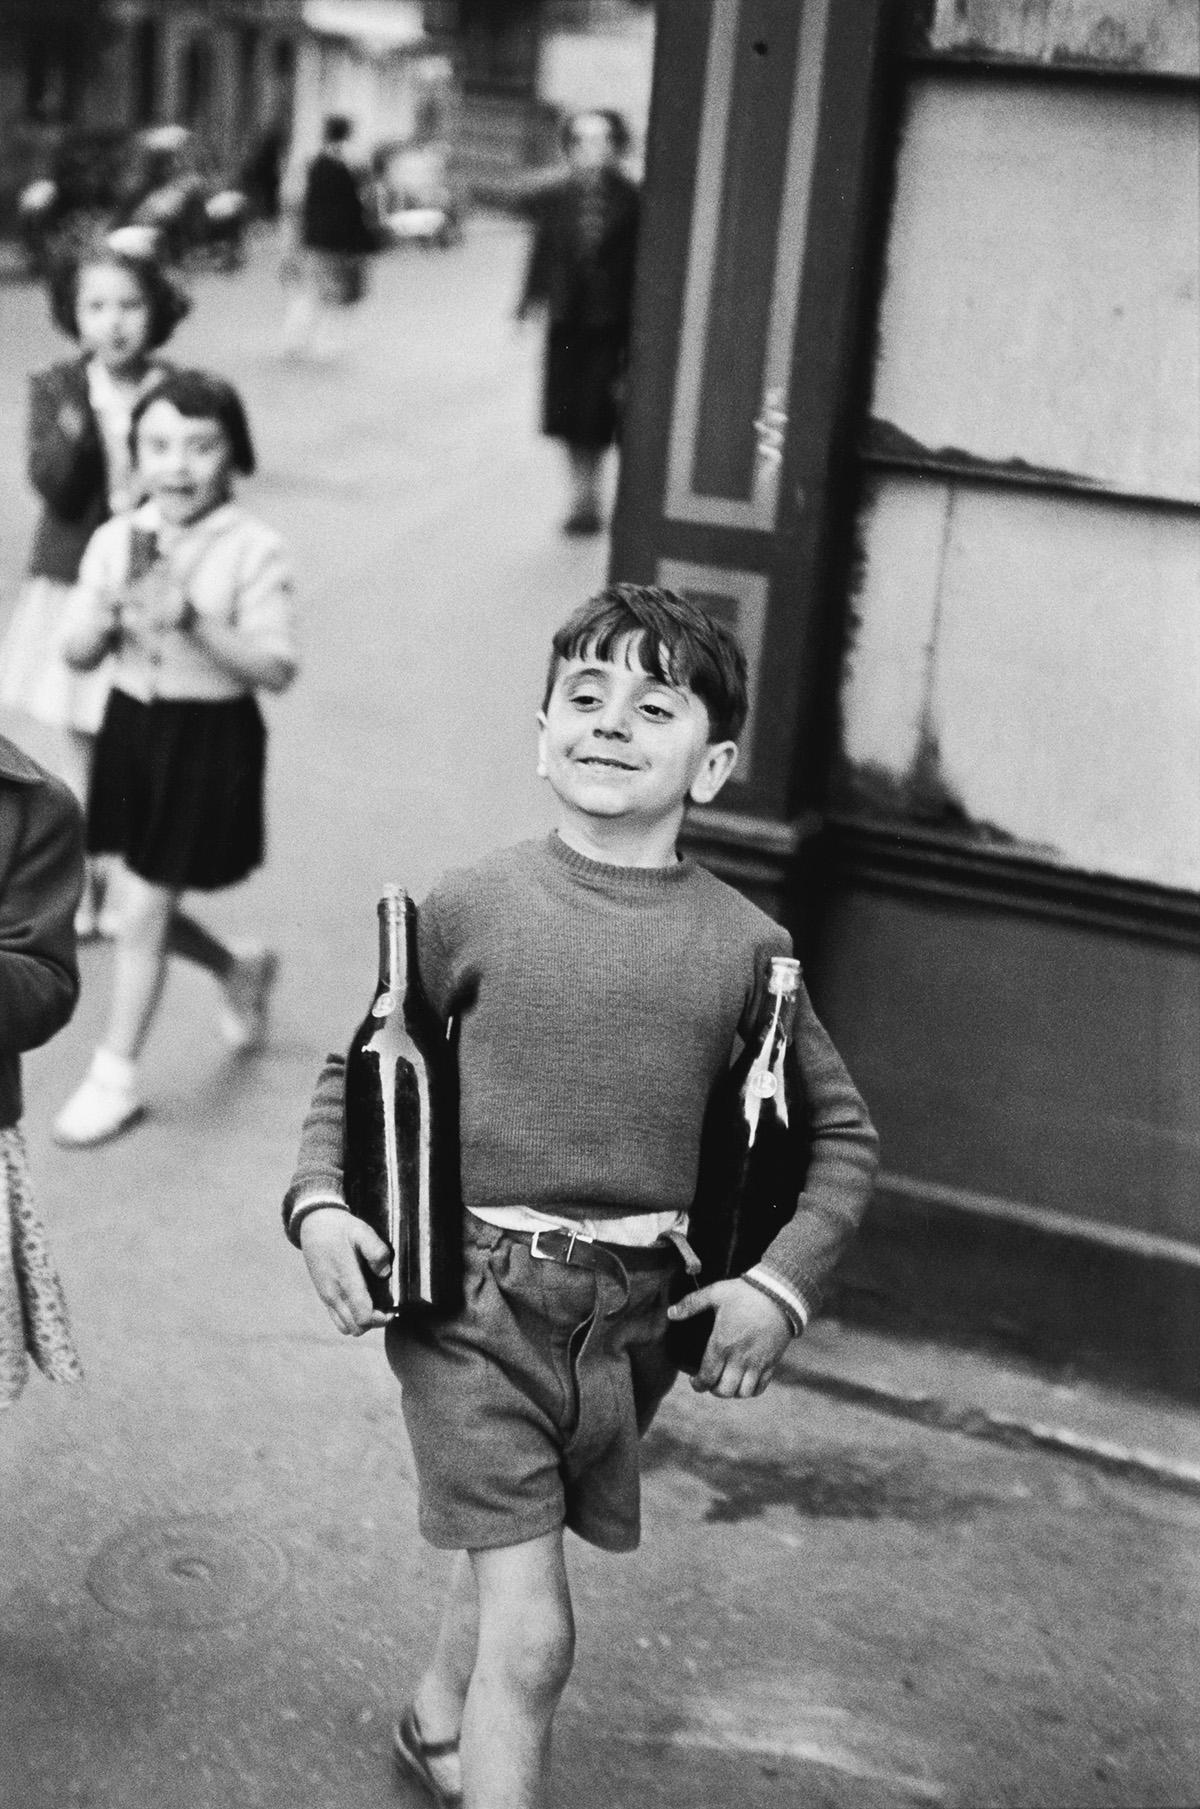 HENRI CARTIER-BRESSON (1908-2004) Rue Mouffetard, Paris.